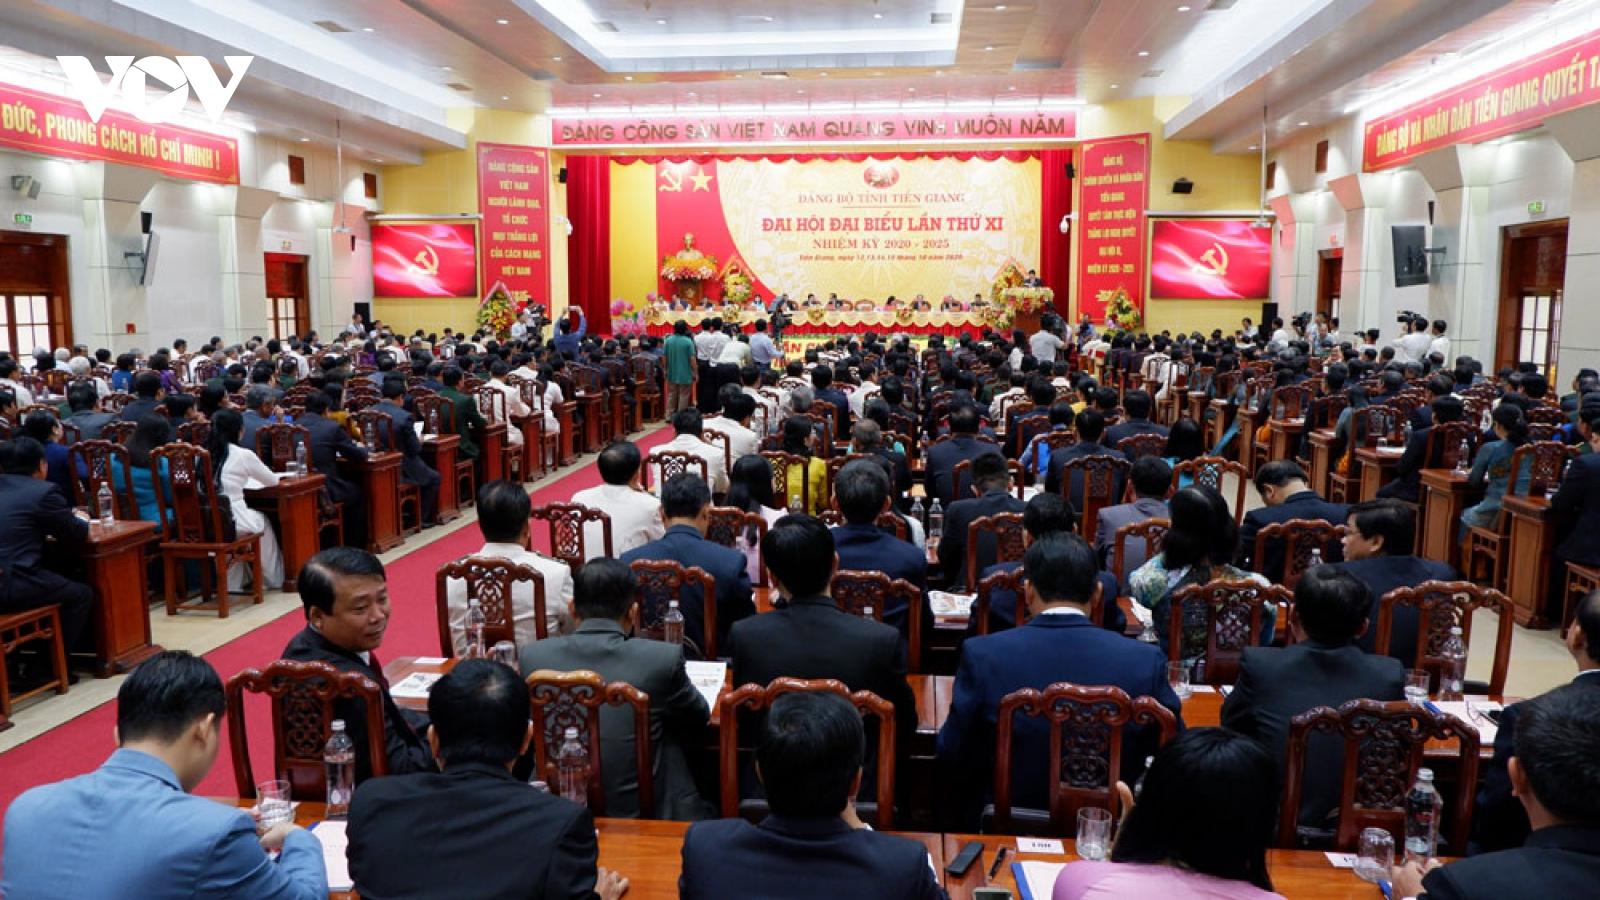 Tiền Giang phấn đấu trở thành tỉnh phát triển vùng kinh tế trọng điểm phía Nam